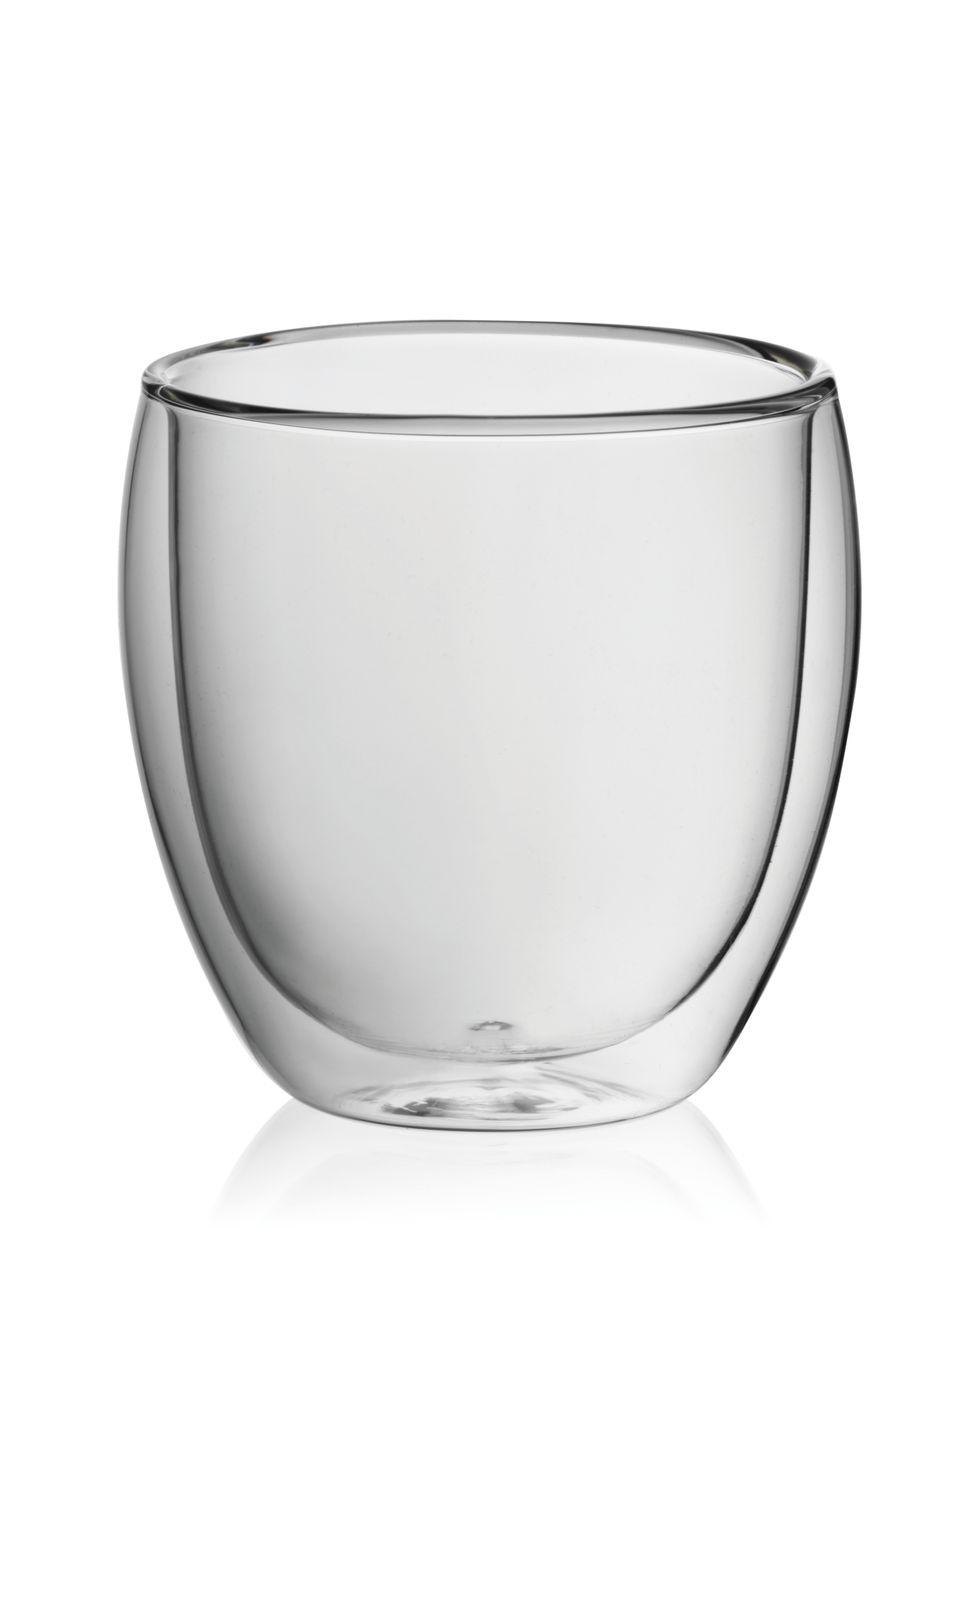 Kela Keuken Glas Cappuccino Set van 2 Stuks Cortona